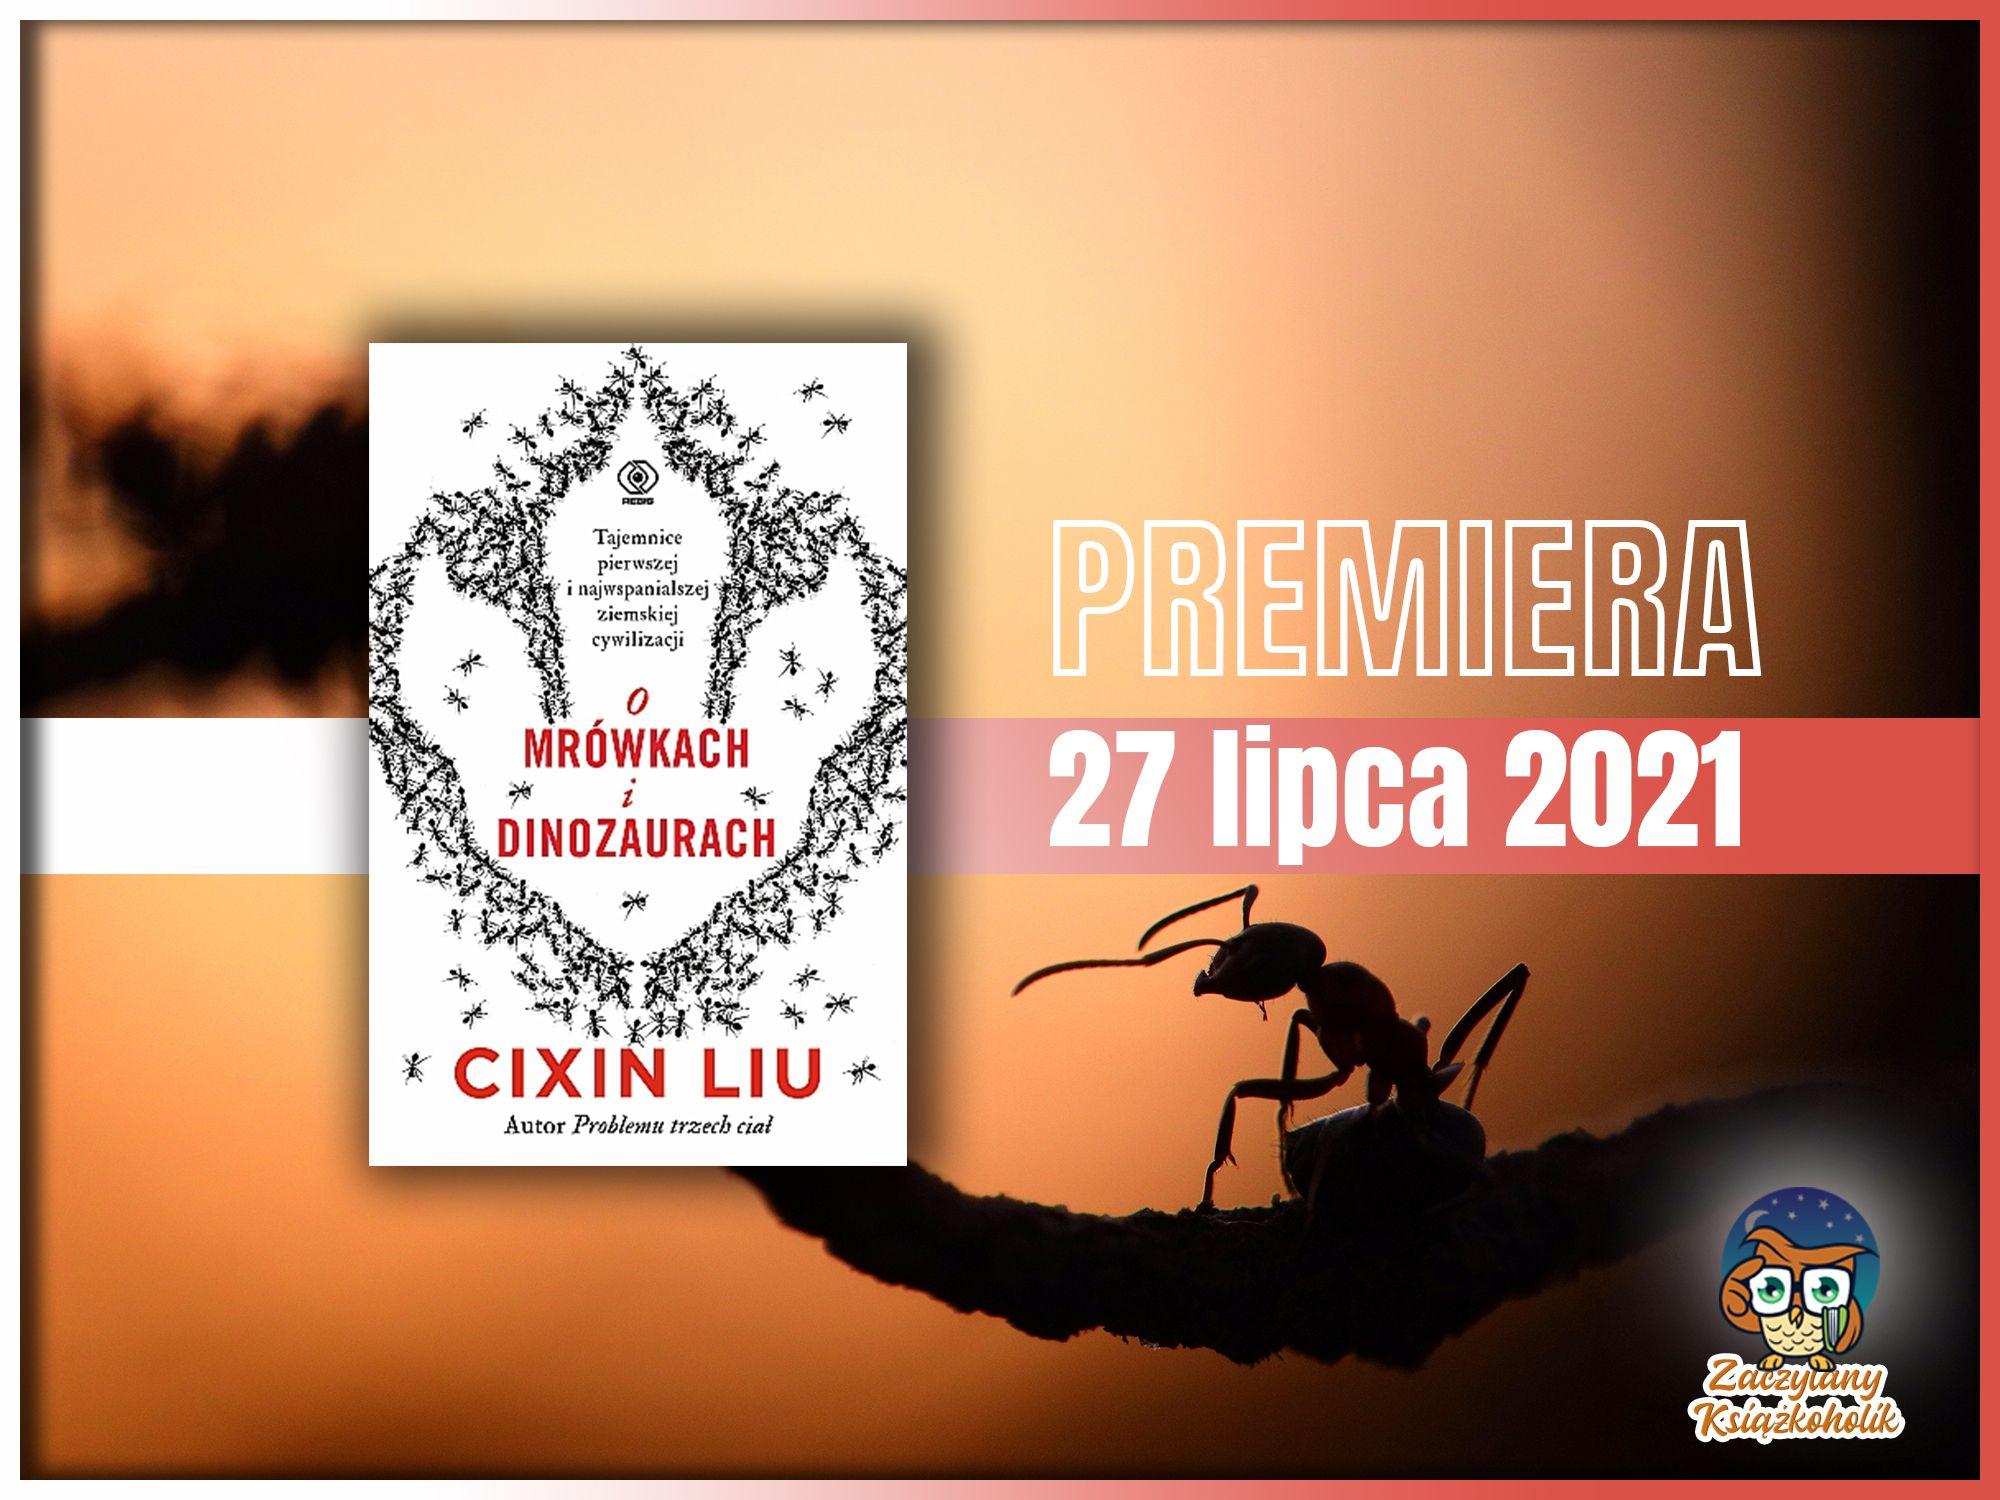 O mrówkach i dinozaurach, Liu Cixin, zaczytanyksiazkoholik.pl